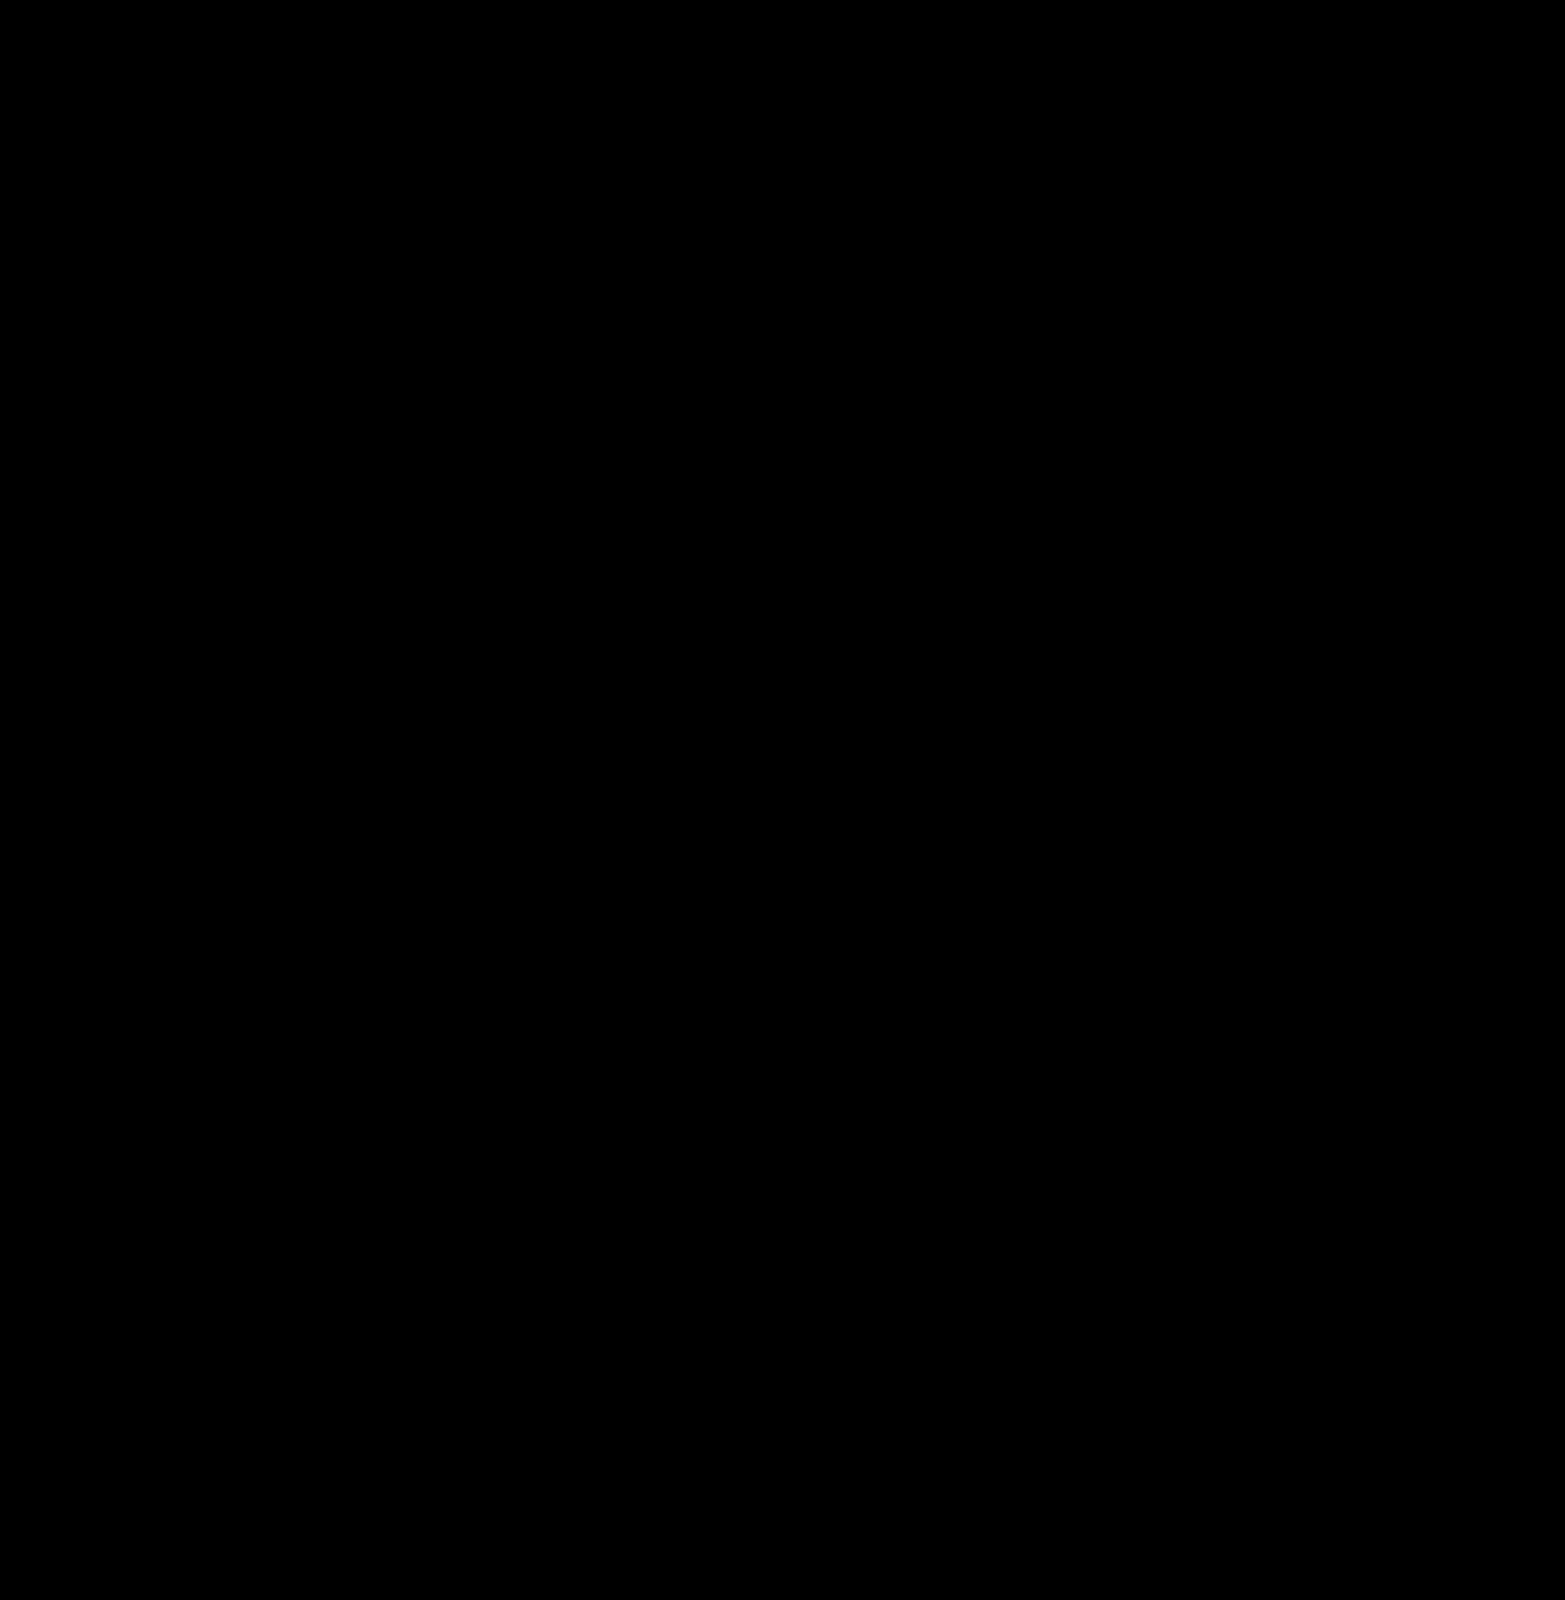 Kaligrafi dan desain grafik terkait ramadhan kaligrafi